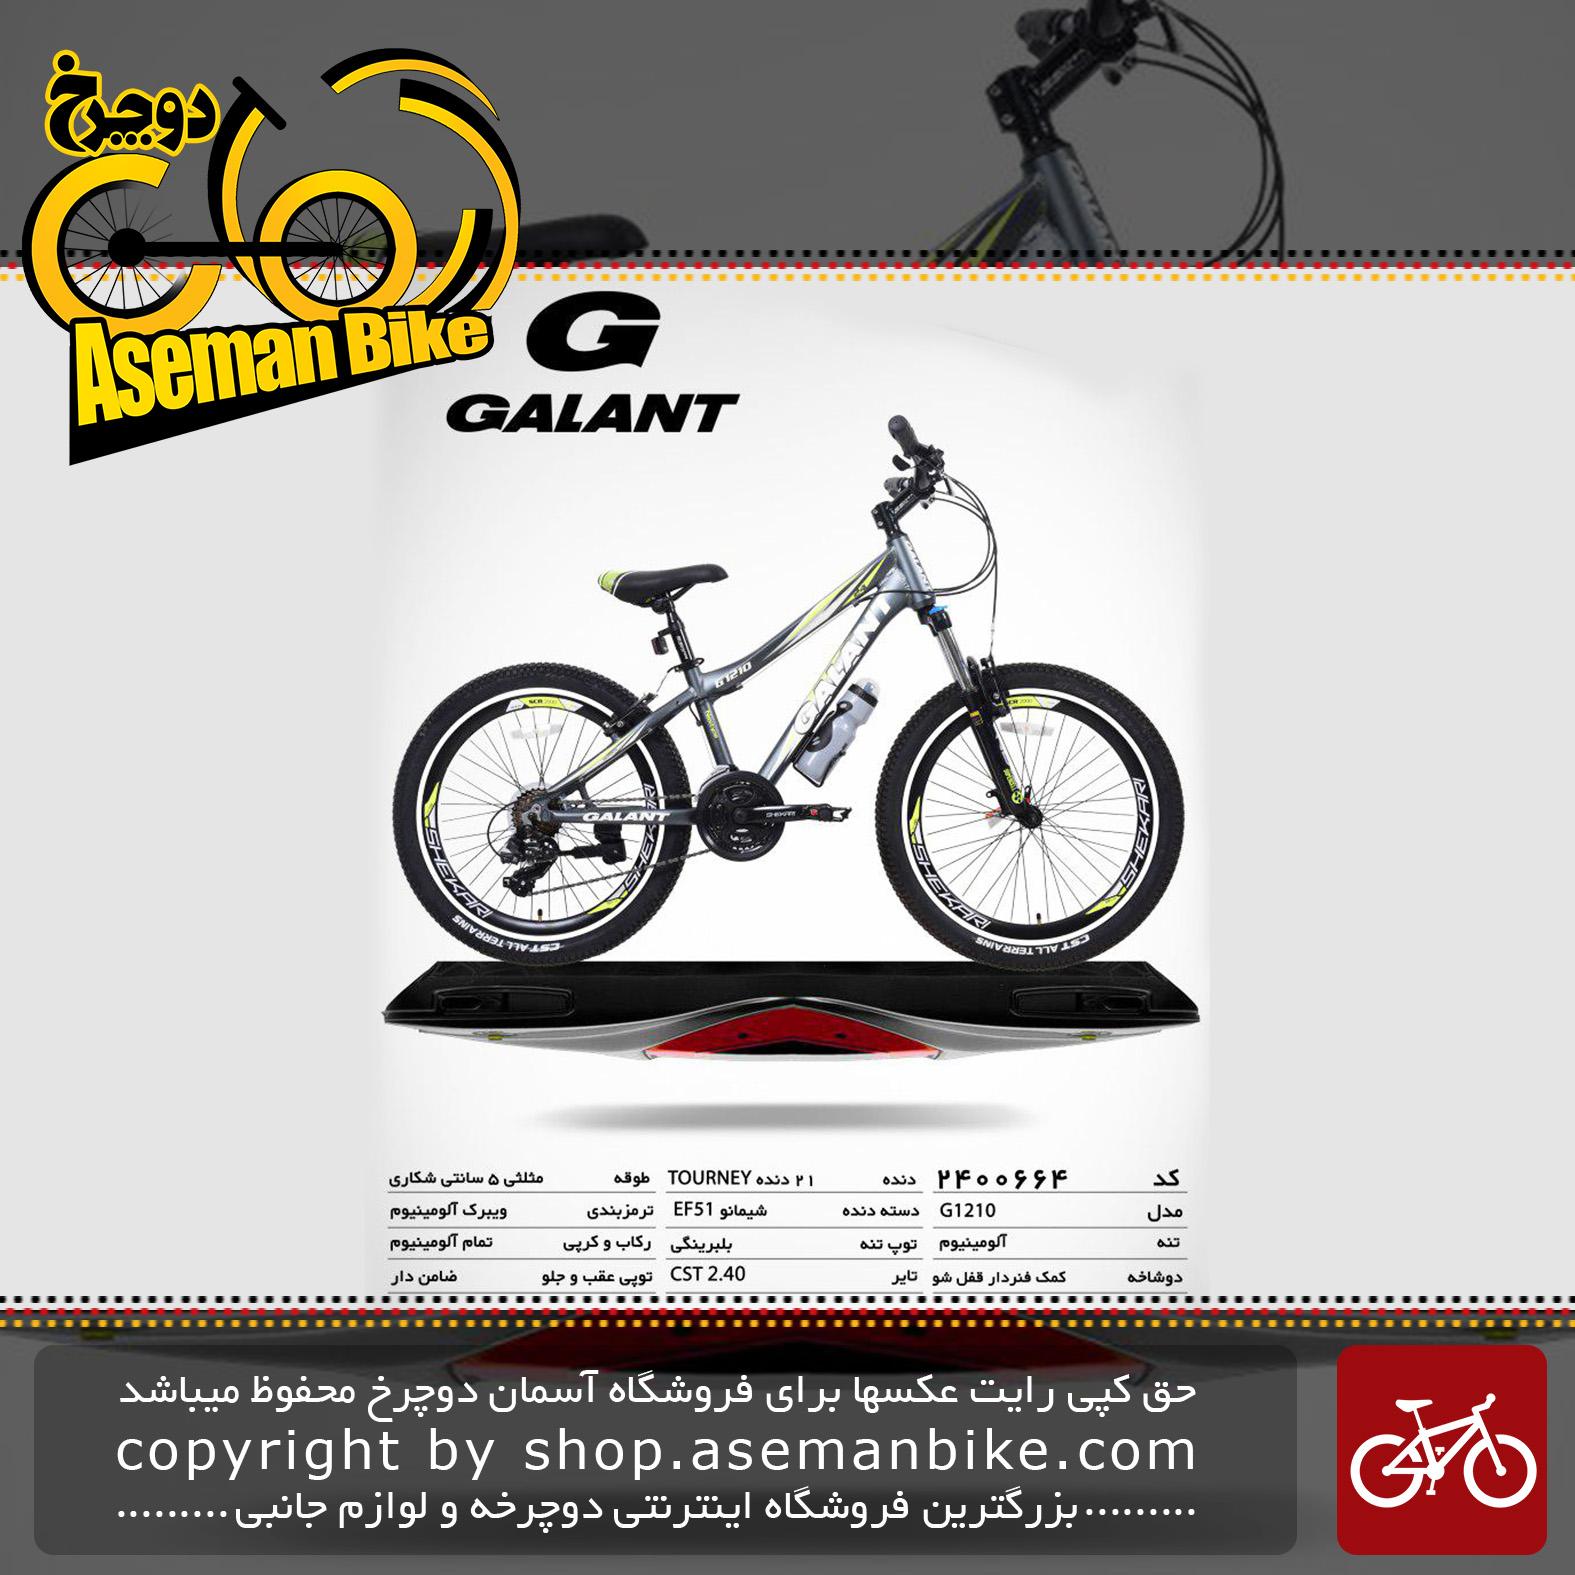 دوچرخه کوهستان شهری گالانت مدل جی 1210 21 دنده سایز 26 ساخت تایوان GALANT Mountain City Bicycle Taiwan G1210 Size 26 2019